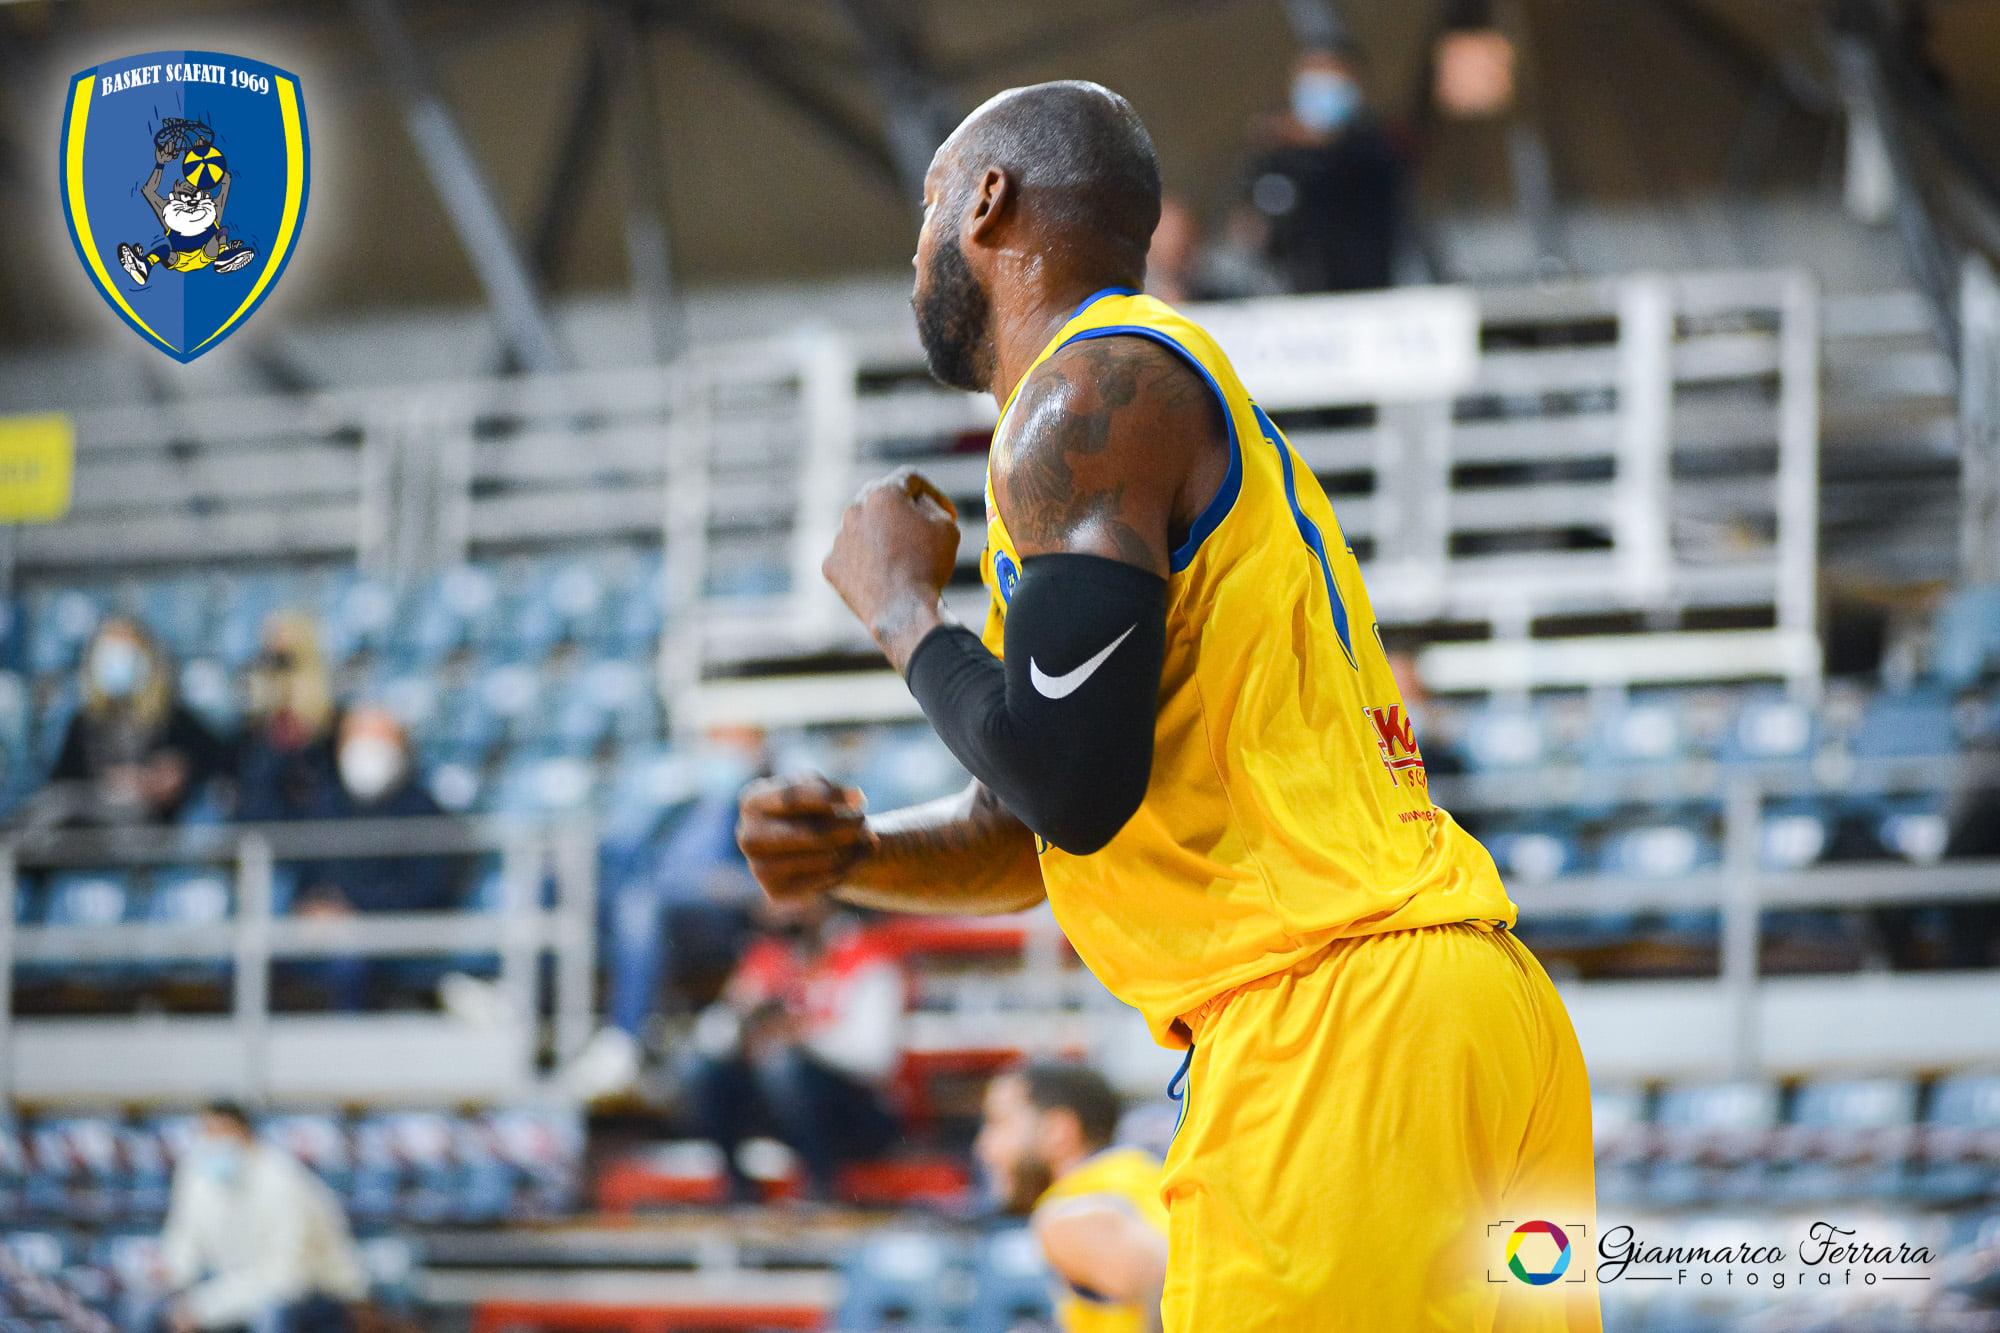 Basket La Givova Scafati batte anche l'Unieuro Forlì 79-60